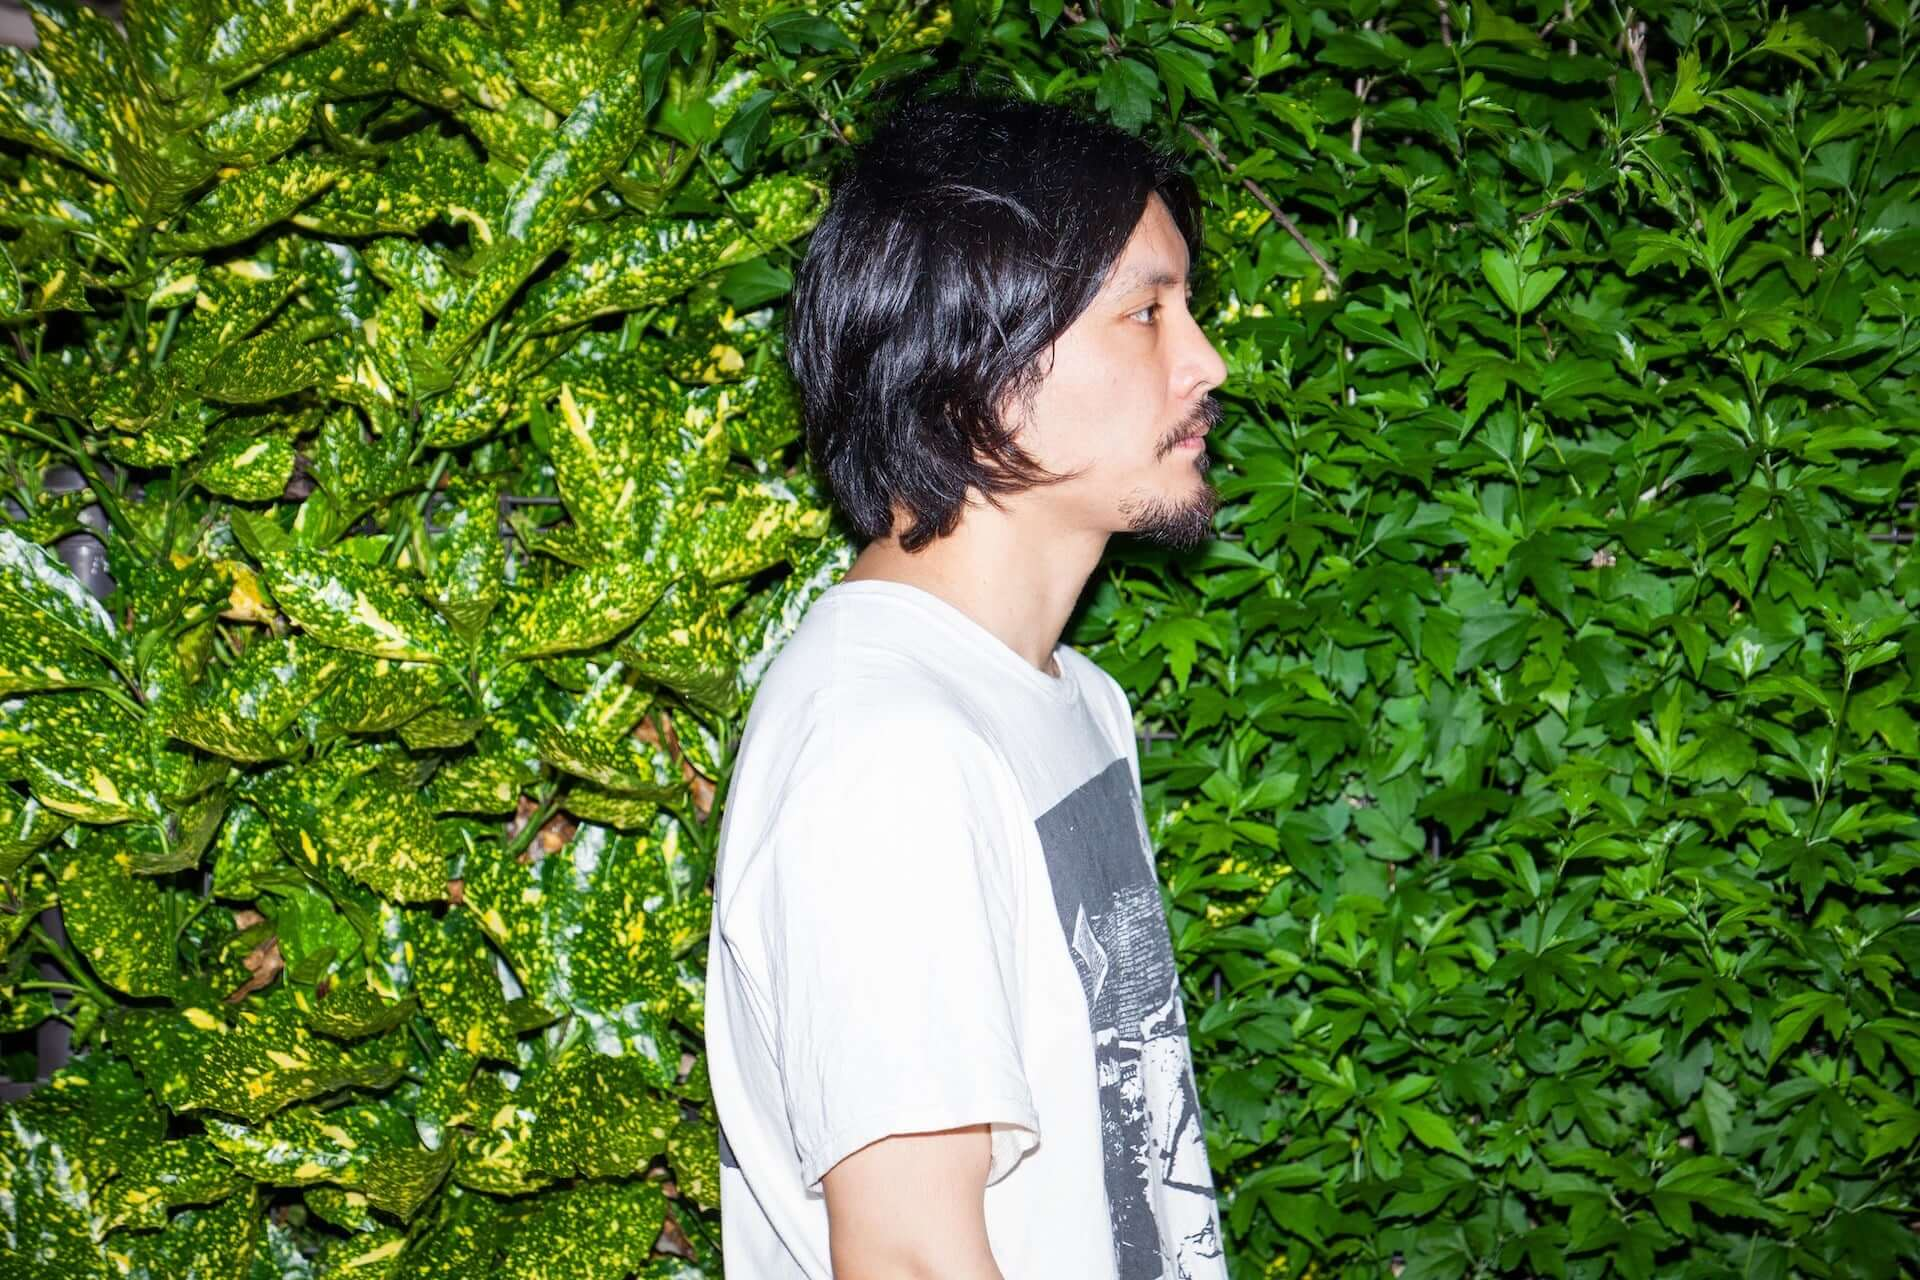 静岡の泊まれる公園「INN THE PARK」にて野外フェス<DISTANCE>が開催決定!DJ Nobu、Soichi Terada、Mars89、Jun Kamodaらが出演 music201006_distance2020_3-1920x1280